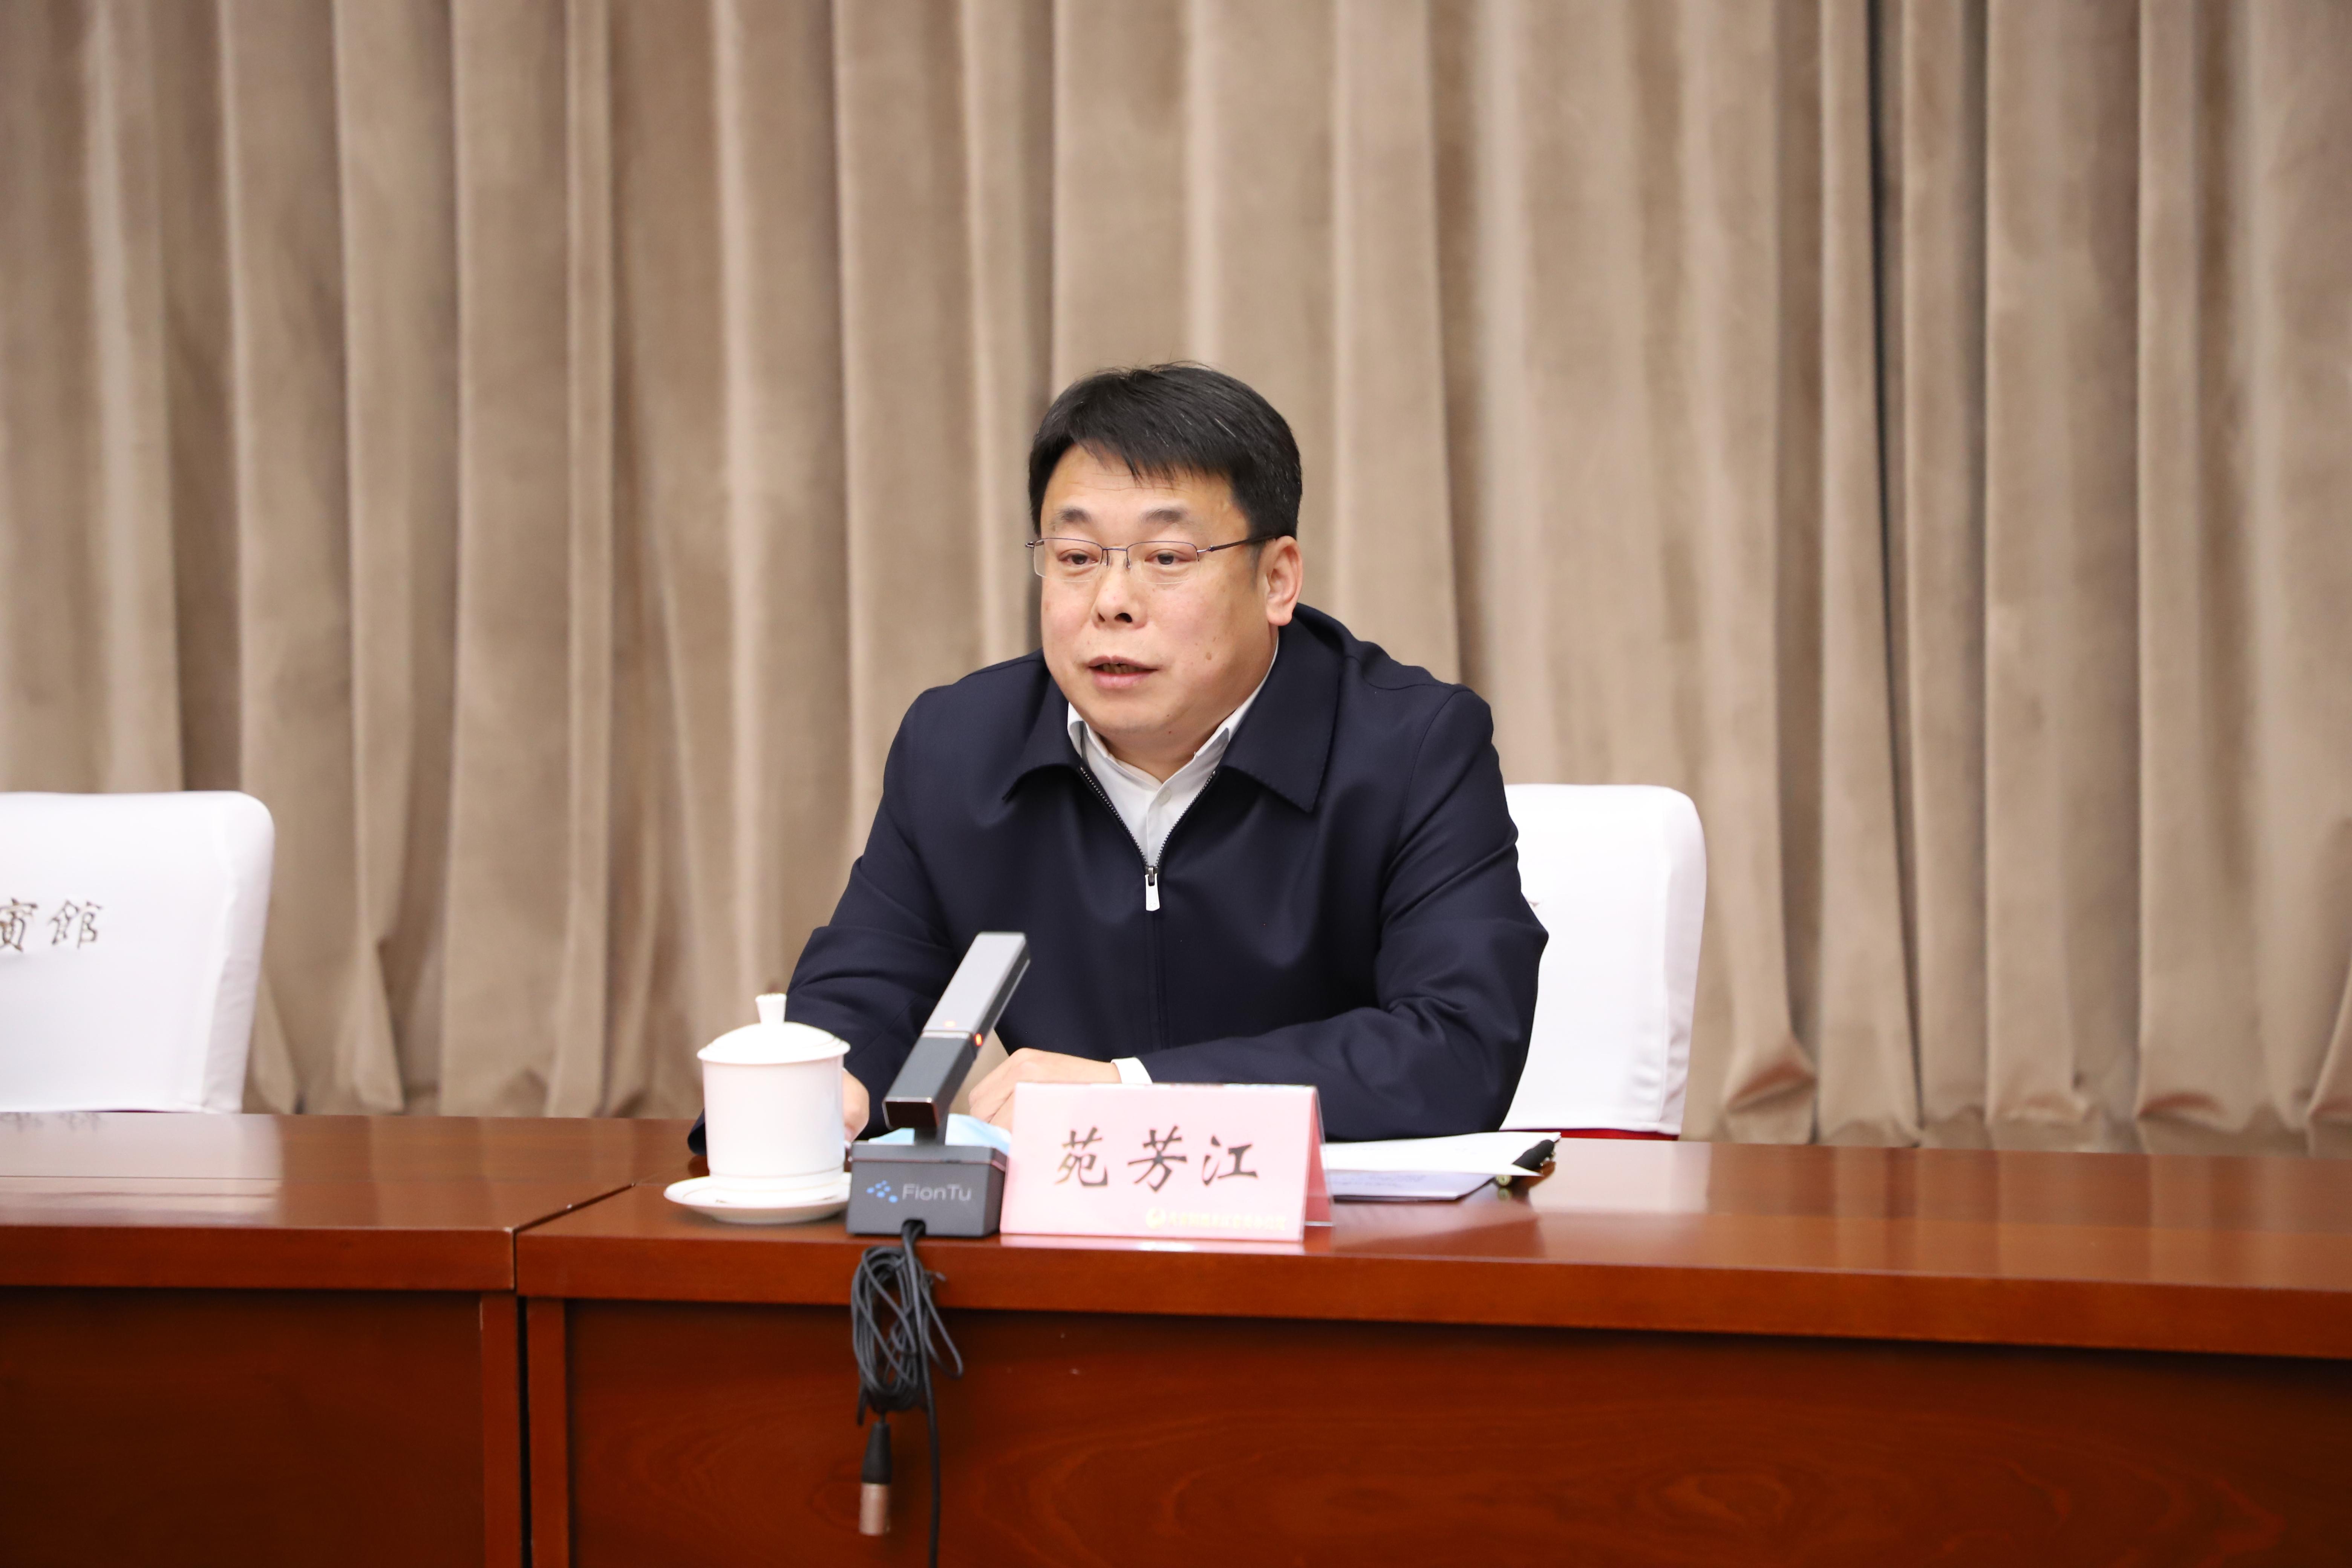 黑龙江团省委书记苑芳江在座谈会上发表讲话摄影 吕岩